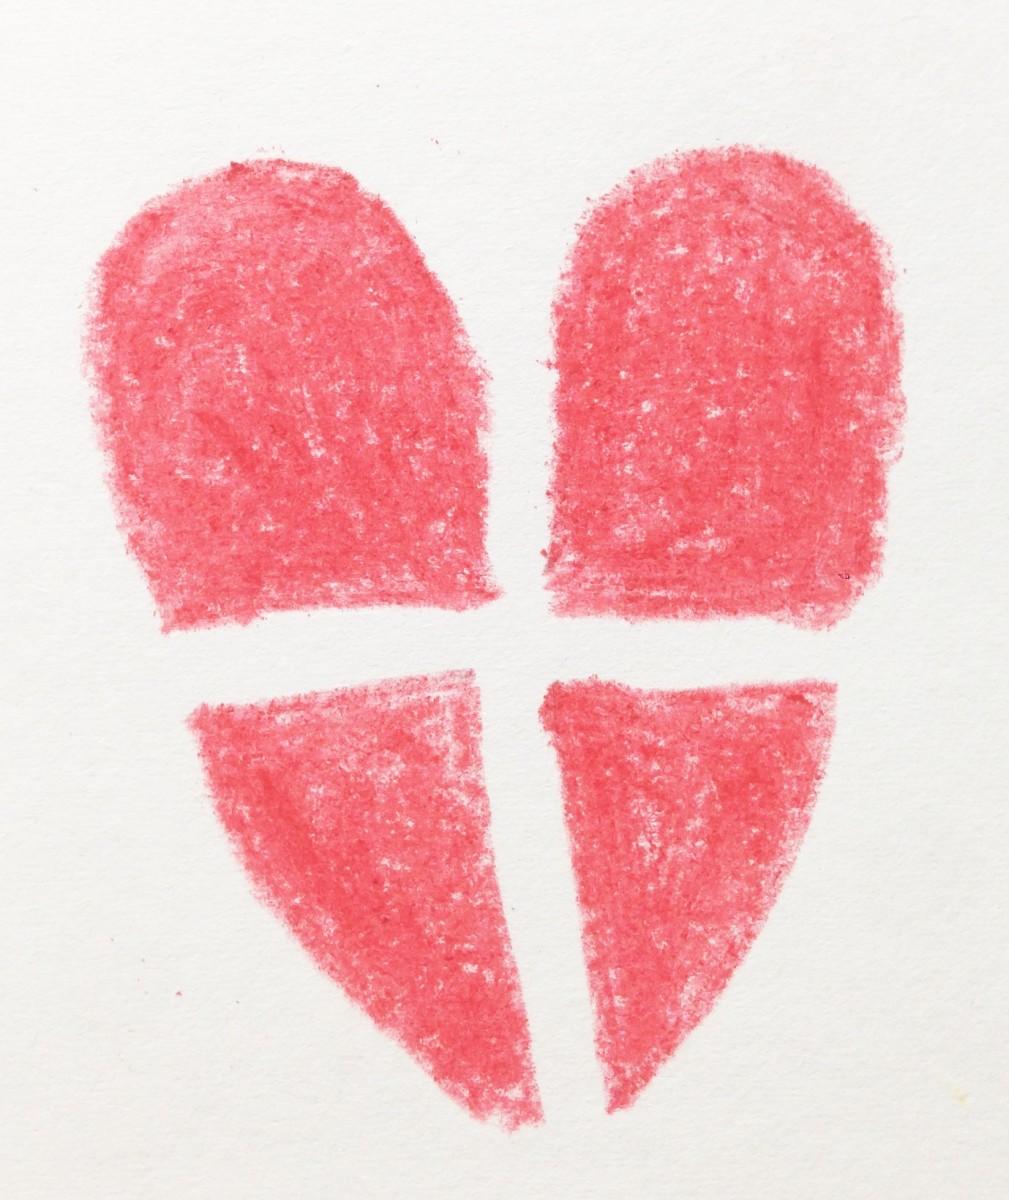 A Heart Resembling A Window